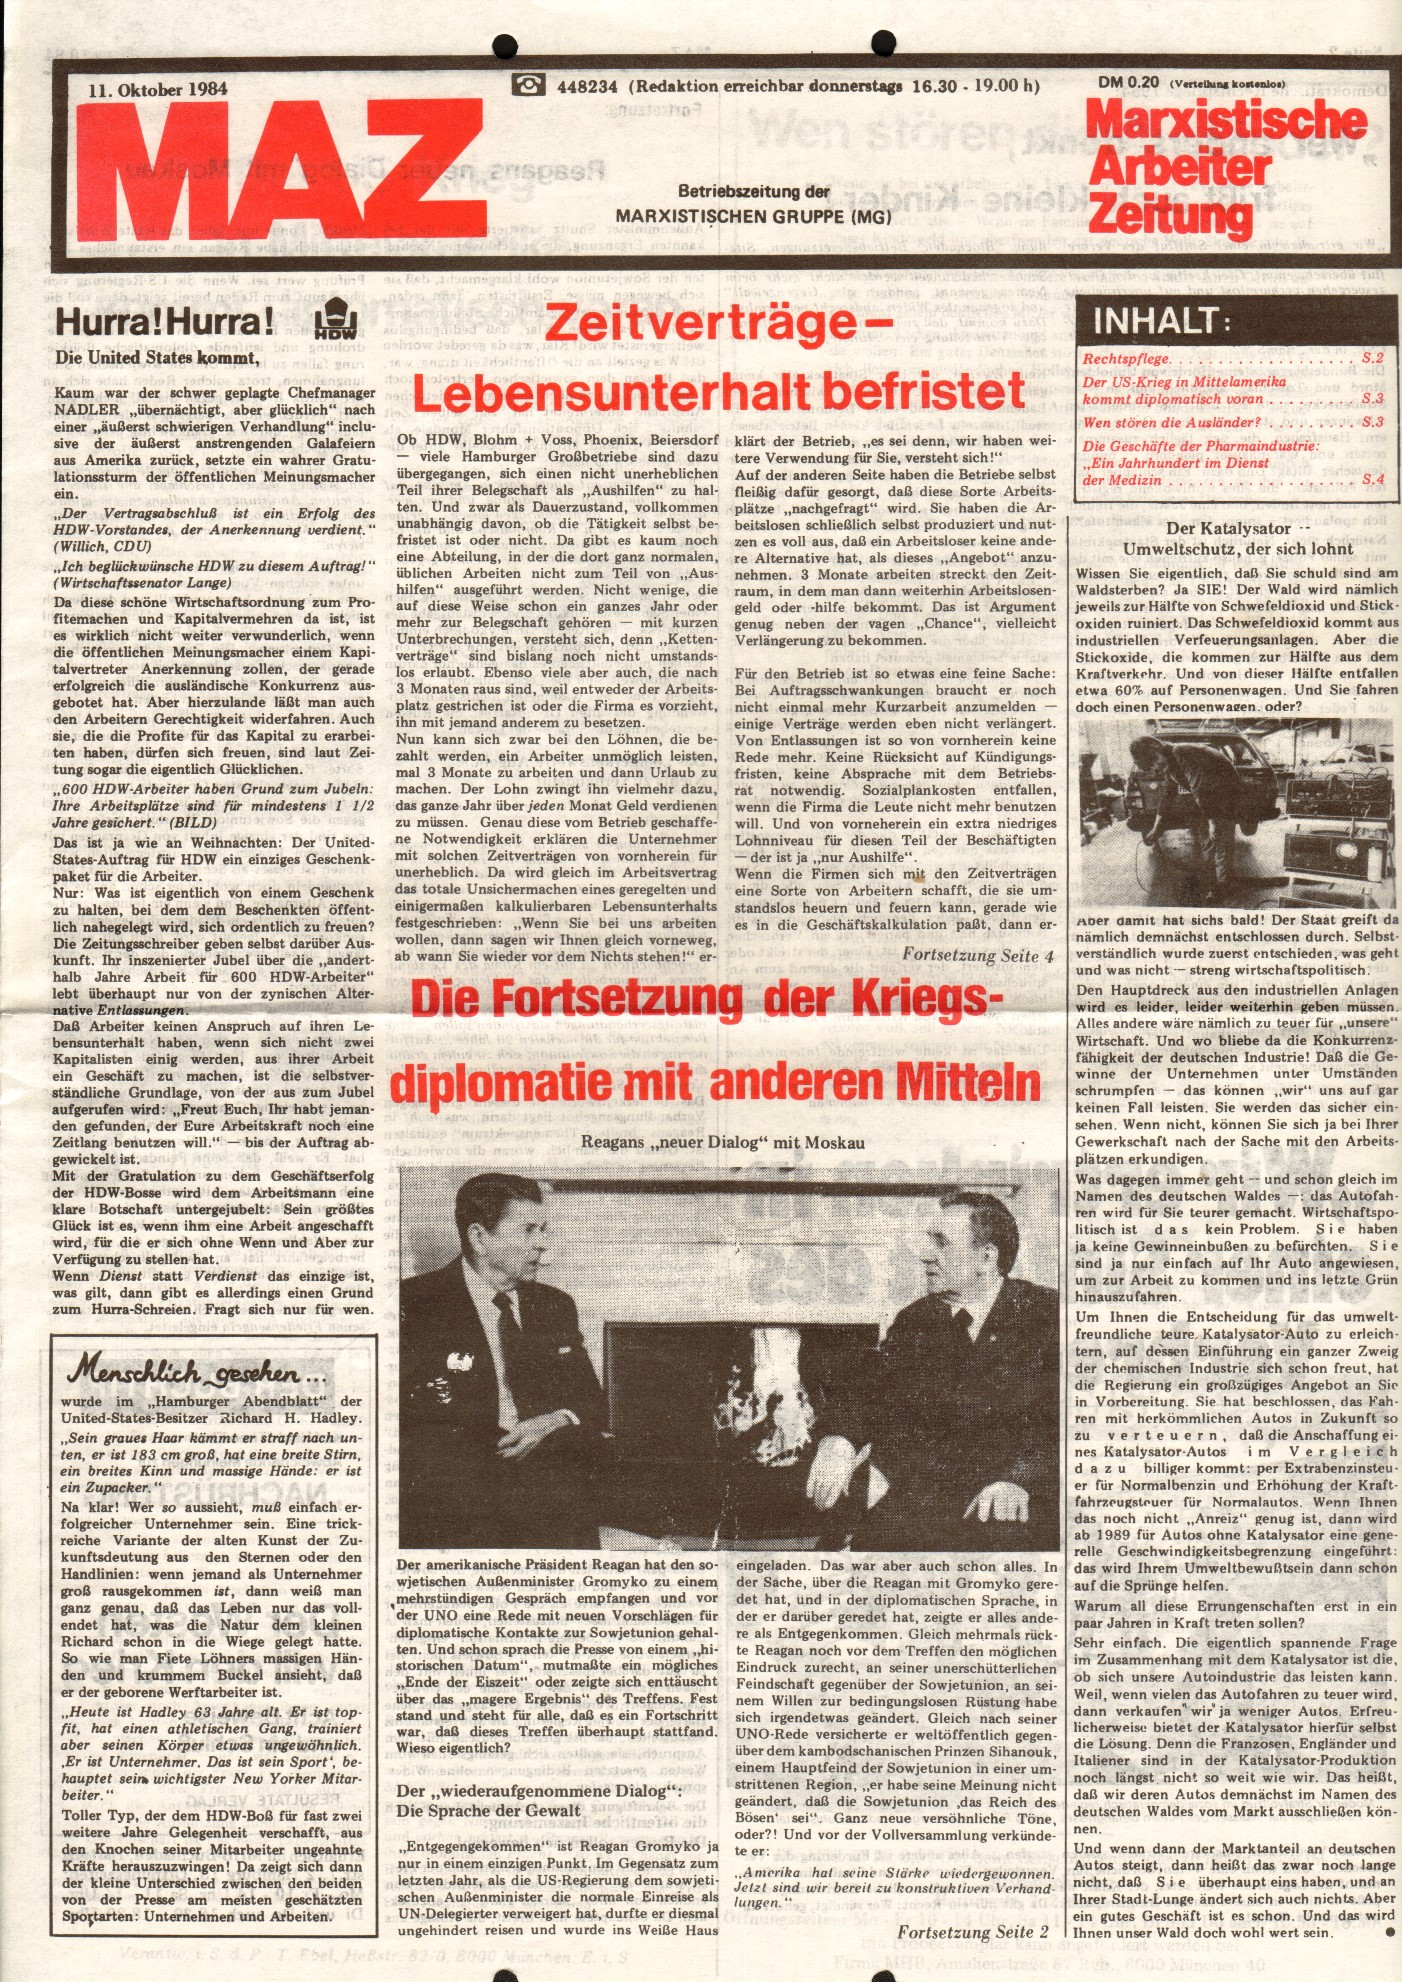 Hamburg_MG_MAZ_19841011_01